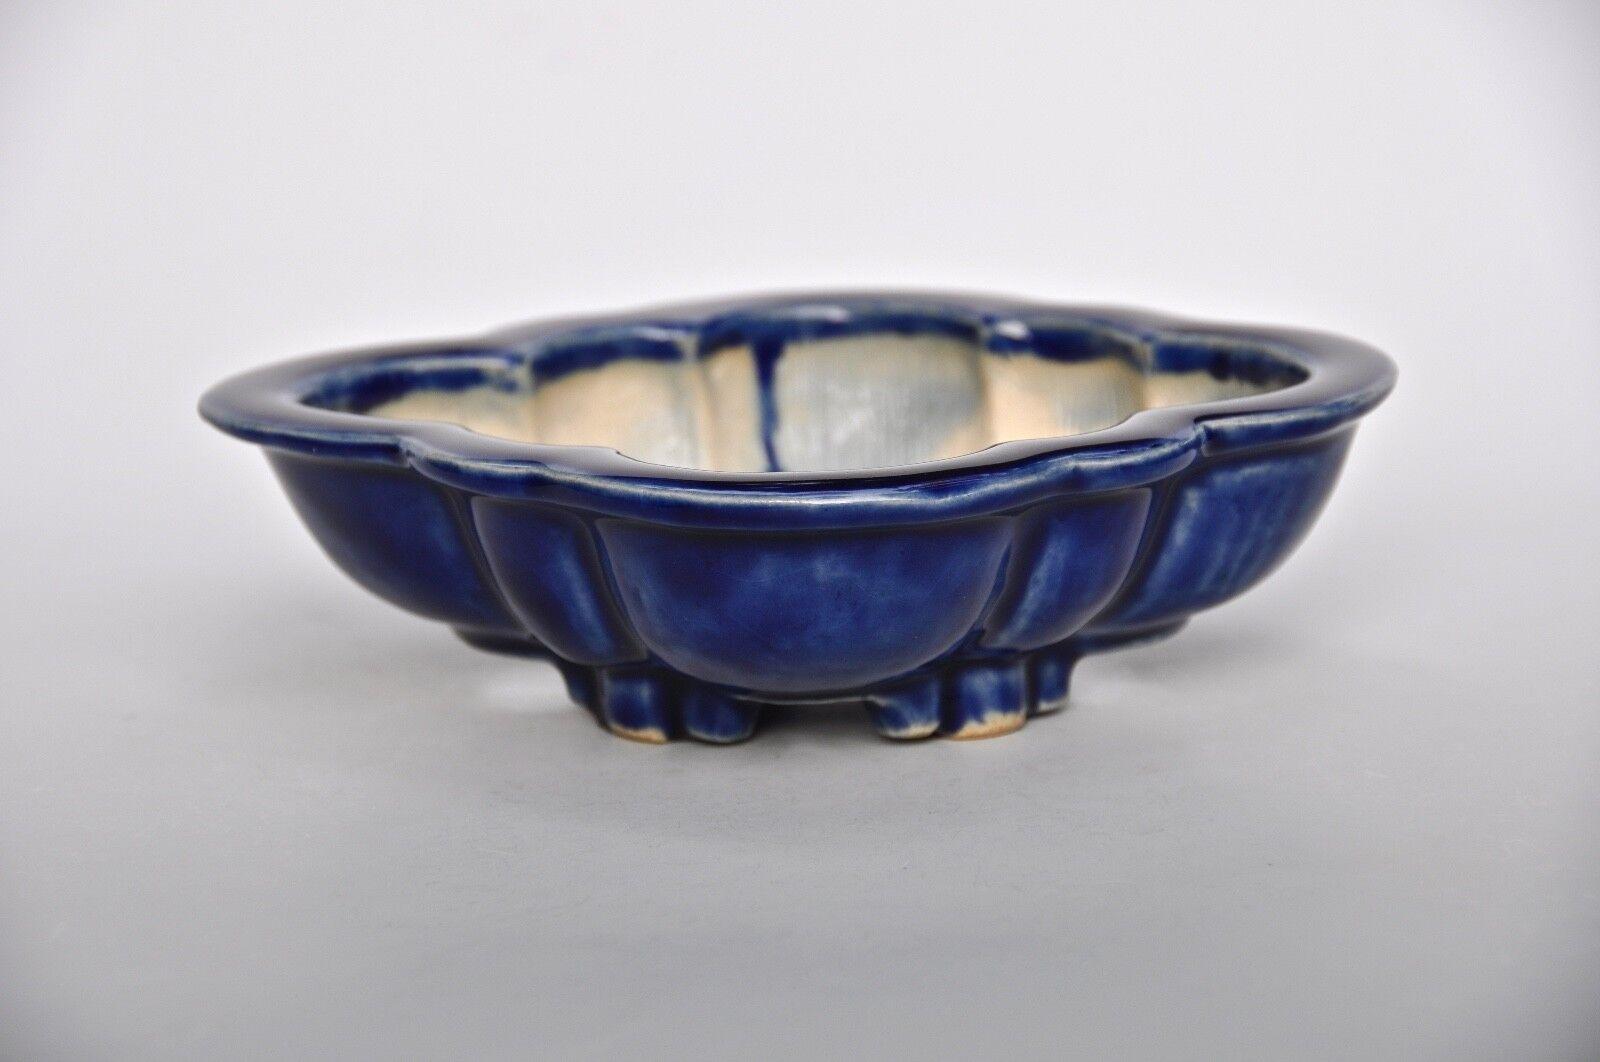 Sharaku Masahiro Shimotori Japanese Shohin Mokko Ruri Blau Glazed Bonsai Pot